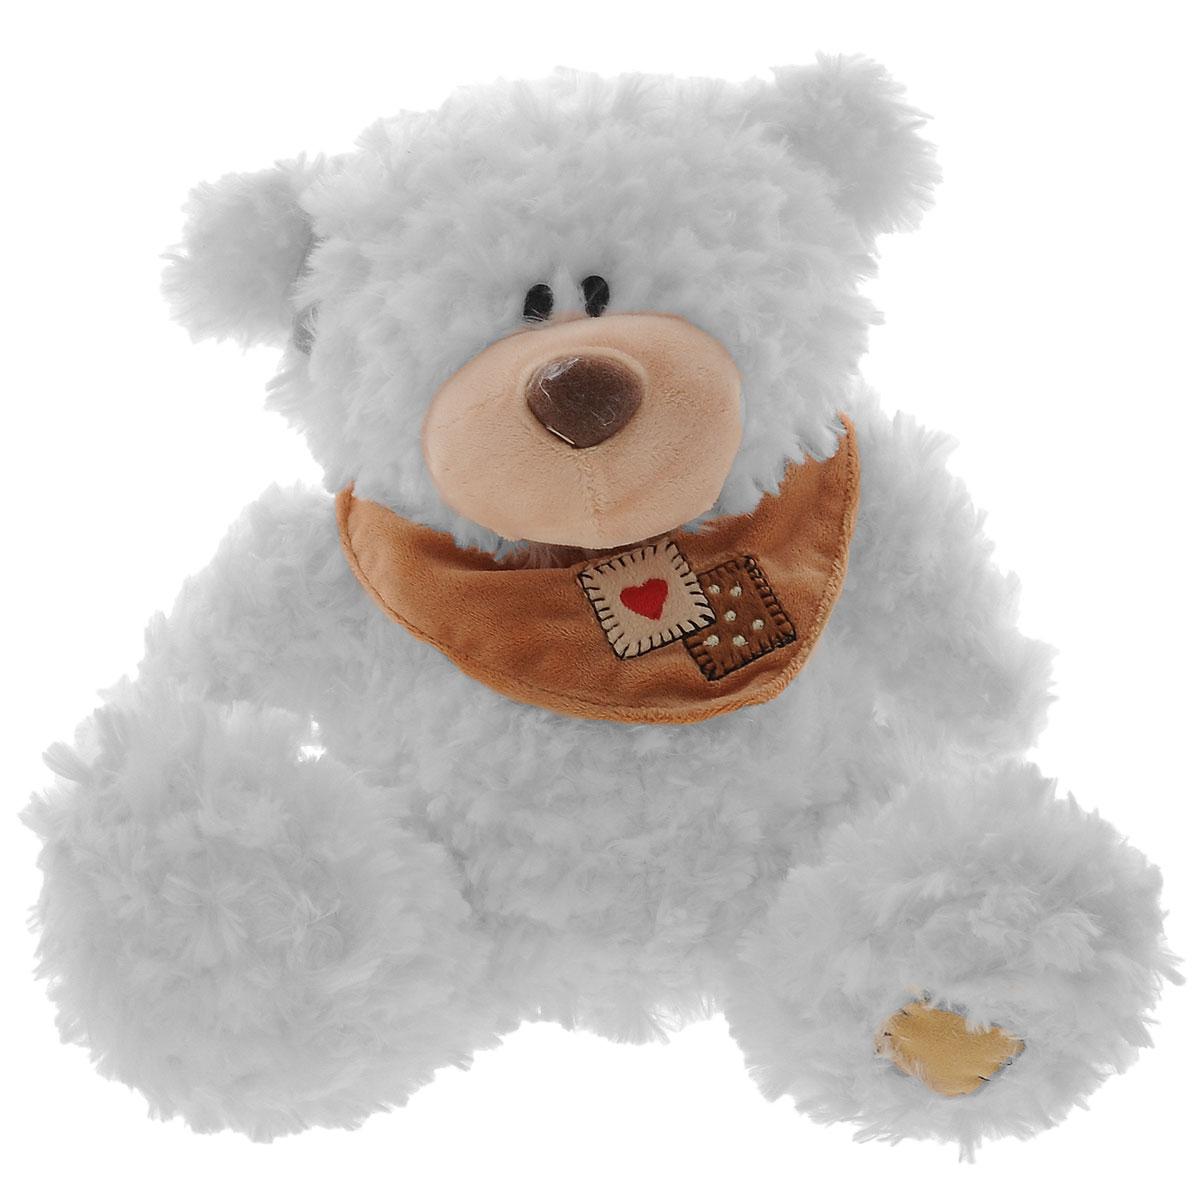 Plush Apple Мягкая музыкальная игрушка Медведь с шарфом, 25 смK76163A3,A4Мягкая музыкальная игрушка Plush Apple Медведь с шарфом, произведенная из текстиля с элементами пластика, станет замечательным подарком для каждого ребенка. Очаровательный Мишка с пушистой приятной шерсткой и черными глазами-бусинками понравится вашему малышу. Если нажать игрушке на грудку, то Мишка споет колыбельную. Удивительно мягкая игрушка принесет радость и подарит своему обладателю мгновения нежных объятий и приятных воспоминаний. Игрушка работает от незаменяемых батареек.